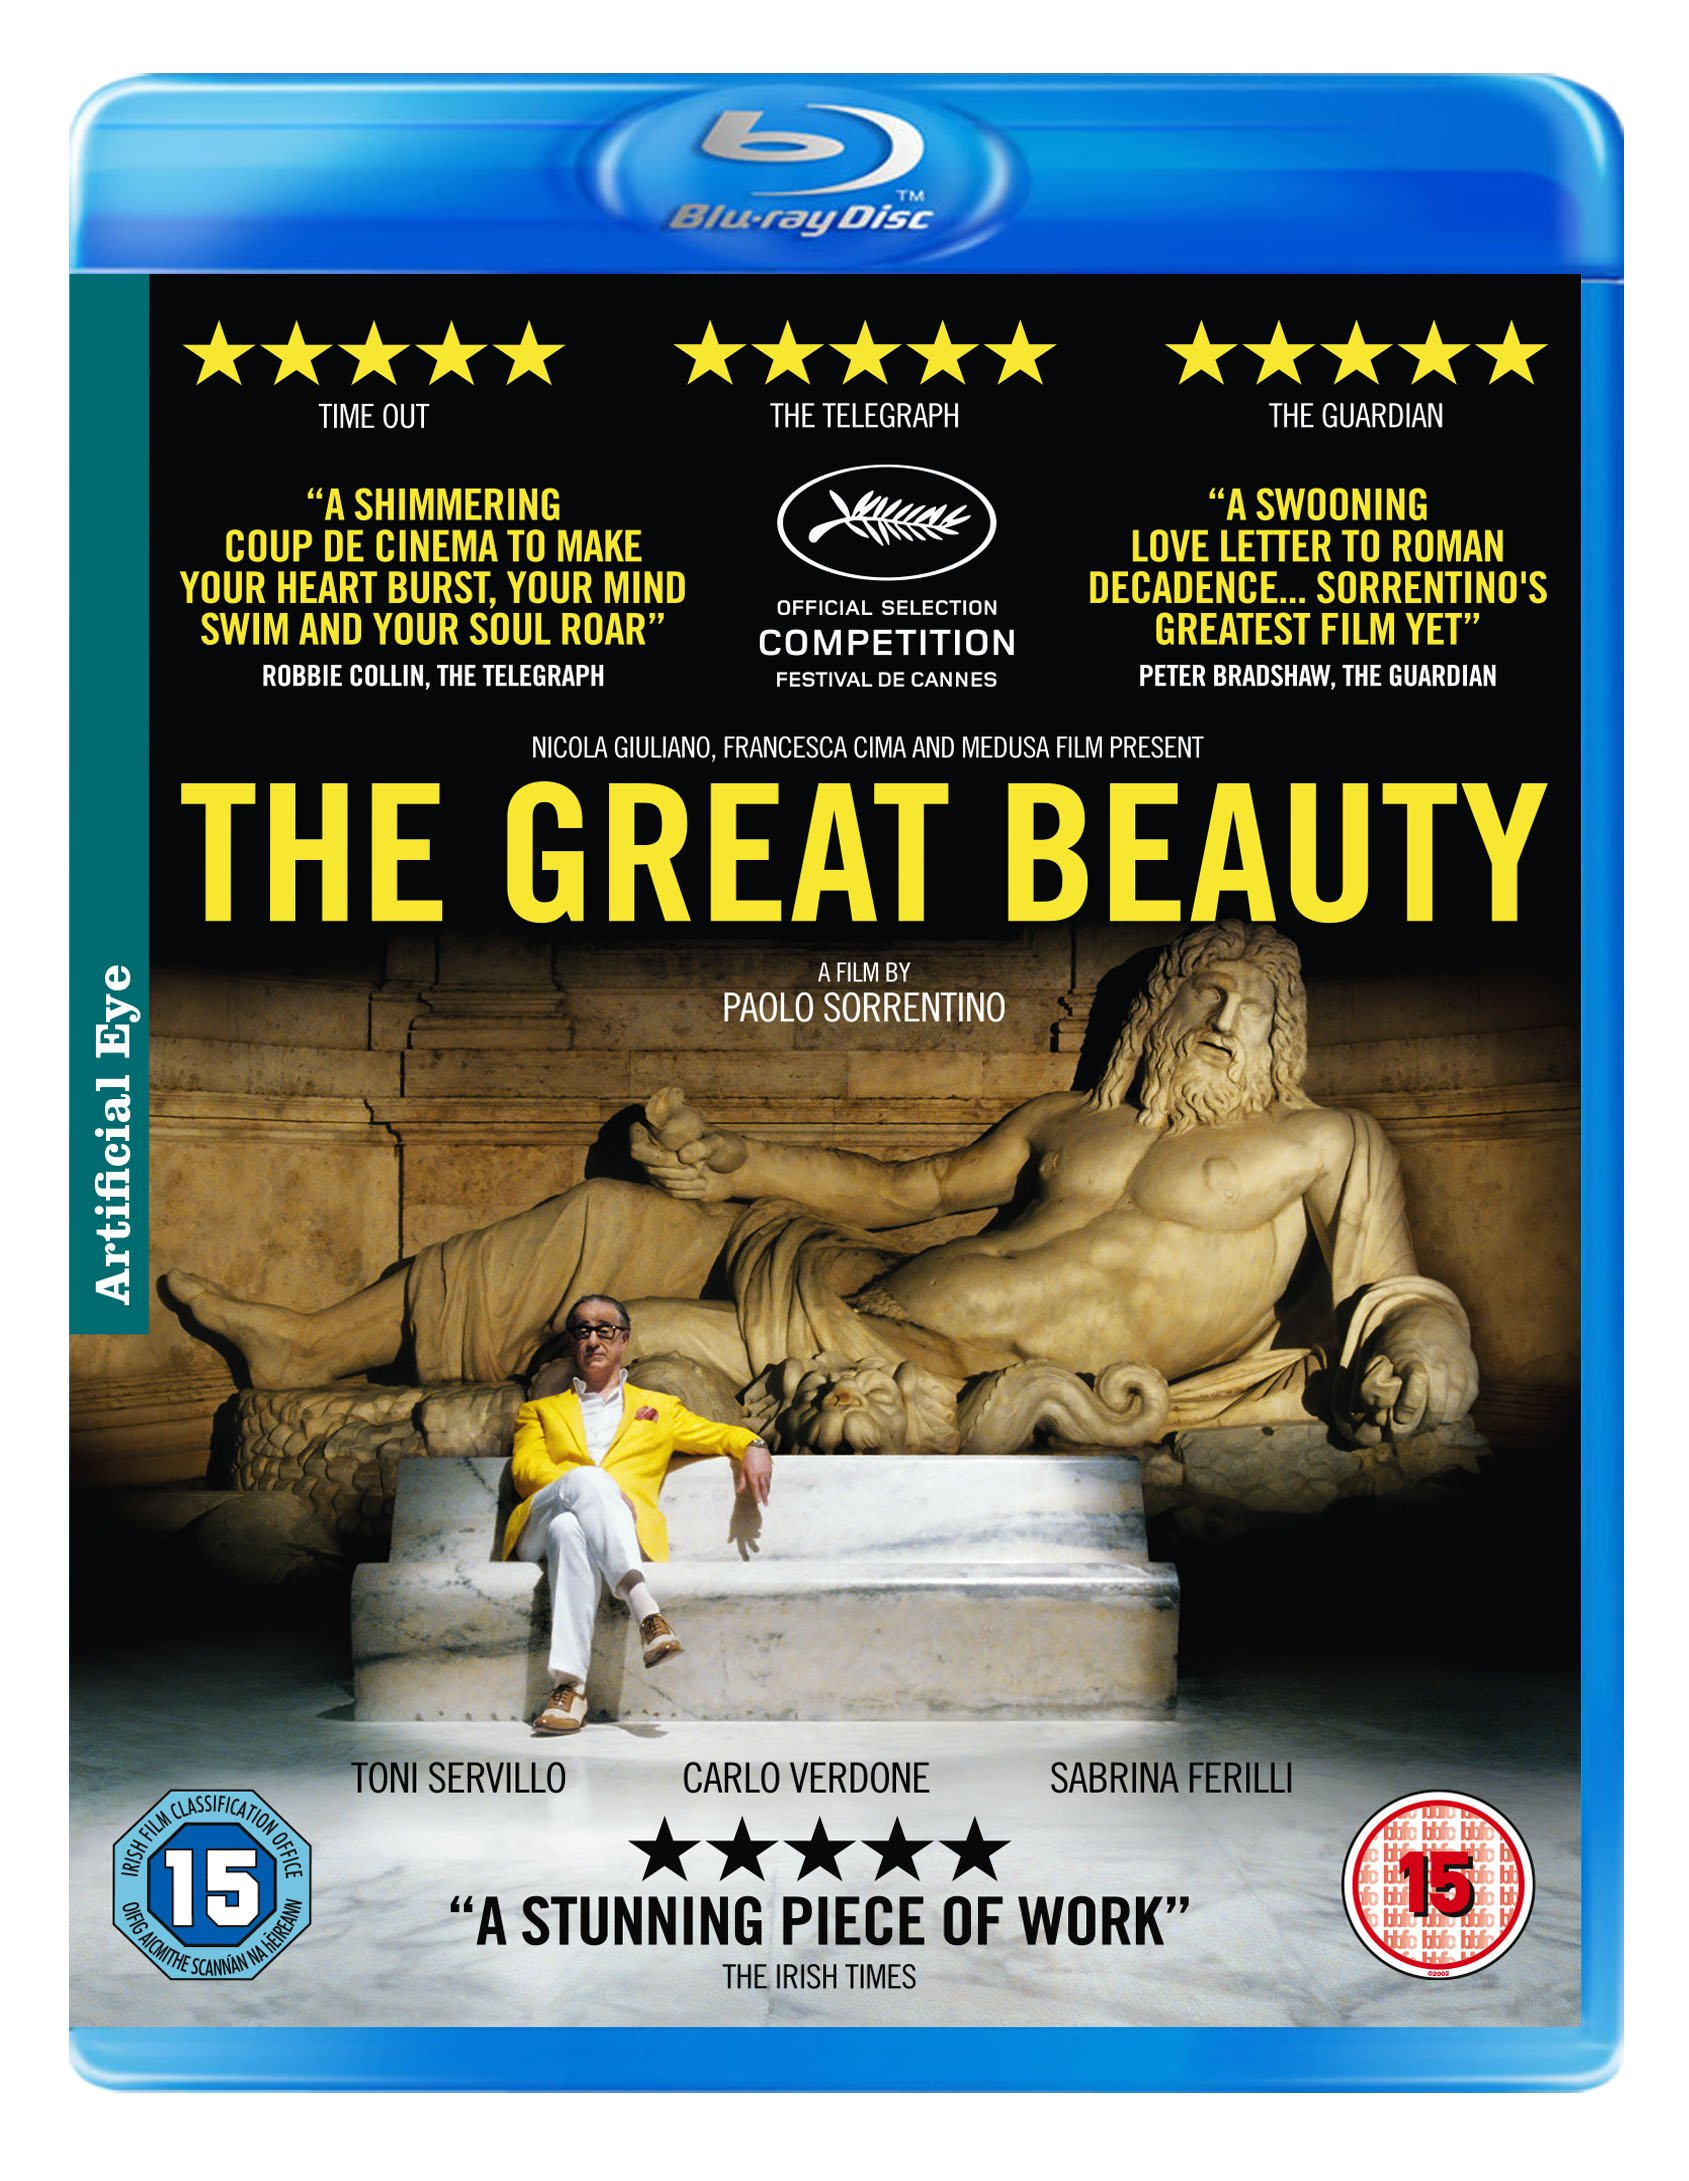 [3.28 電影]The.Great.Beauty.絕美之城[1080P/15G] - 【高清AVI片源下載區】 - 美劇天堂--謦靈風軟美劇論壇--1000fr.net 風軟 ...